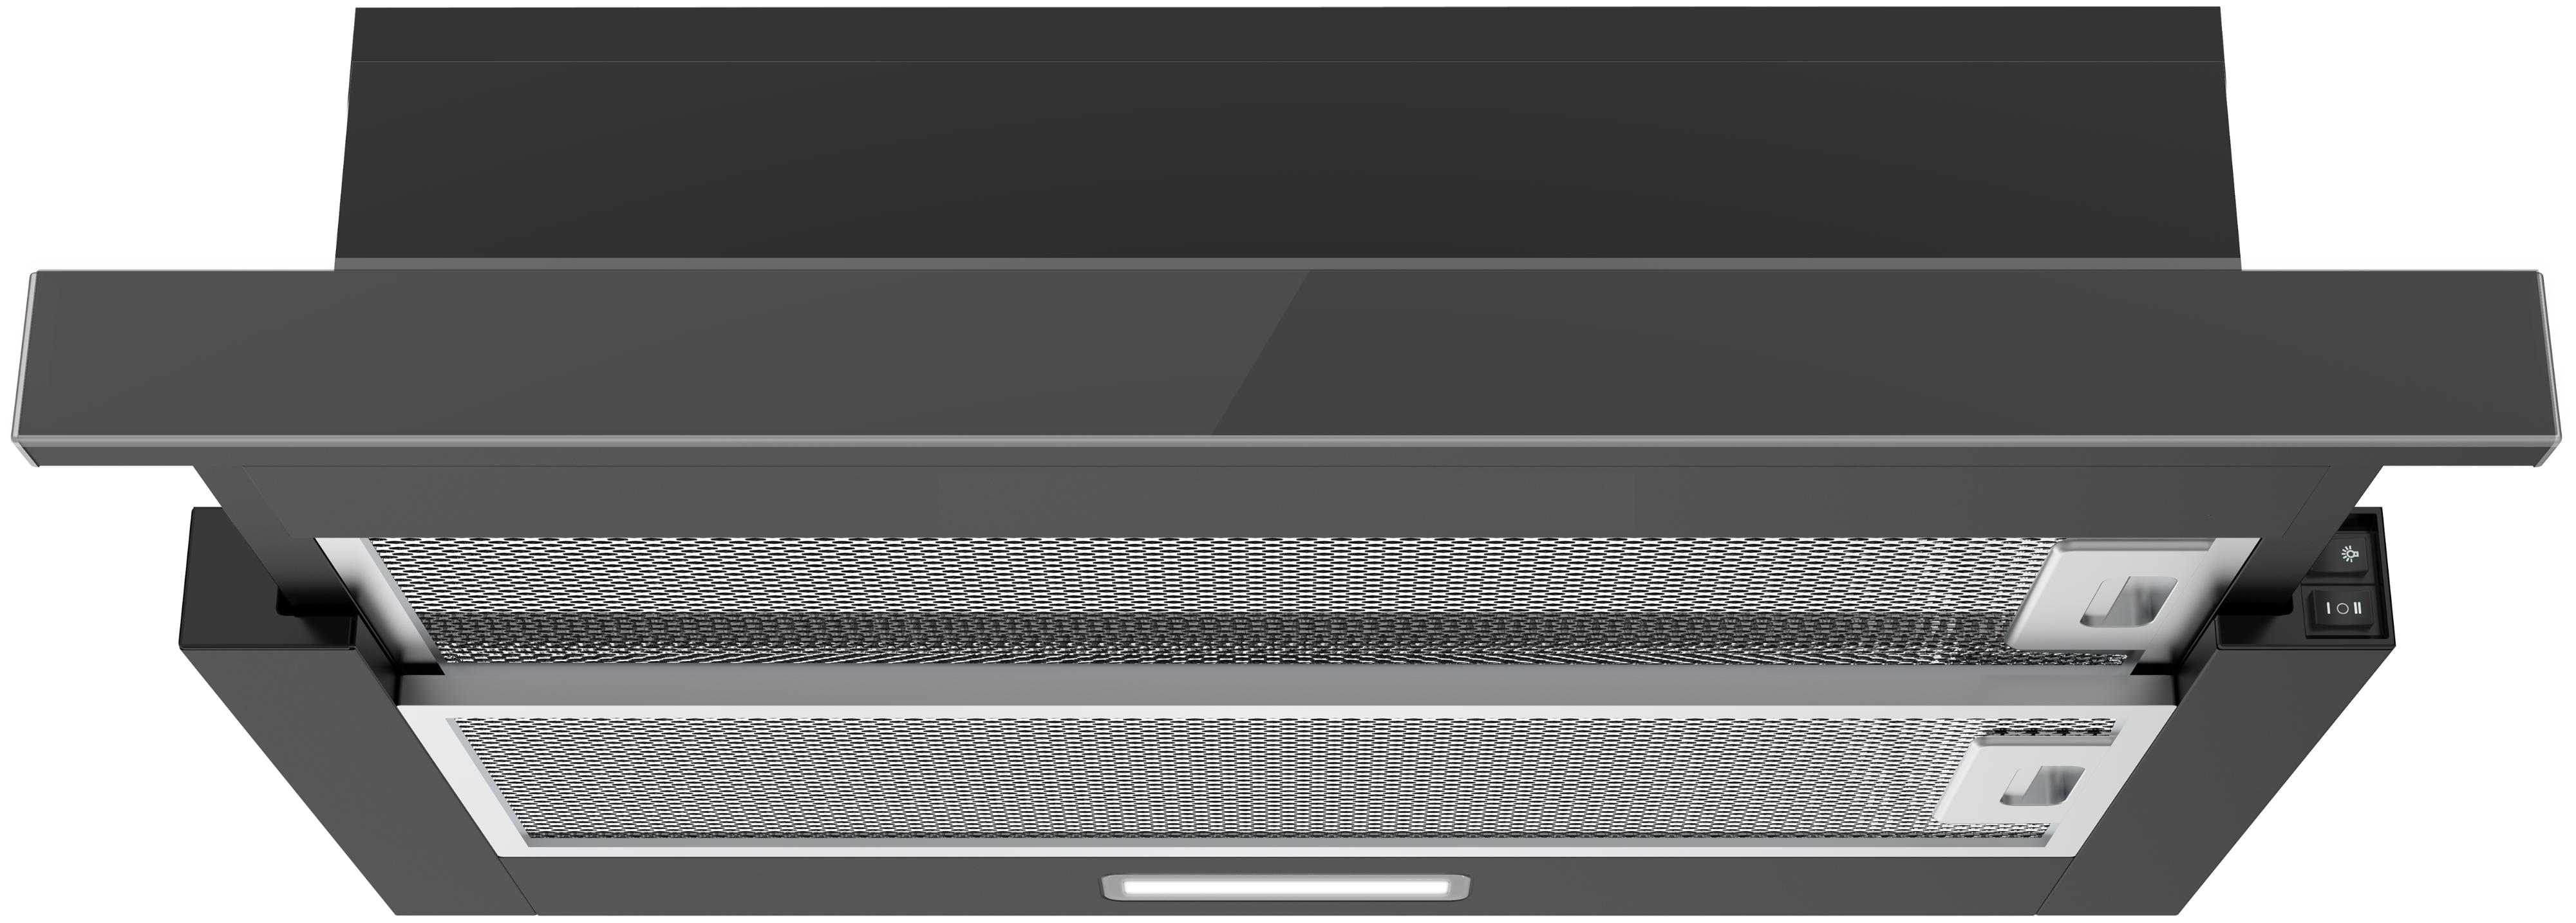 Вытяжка Midea MH60P450GB черный